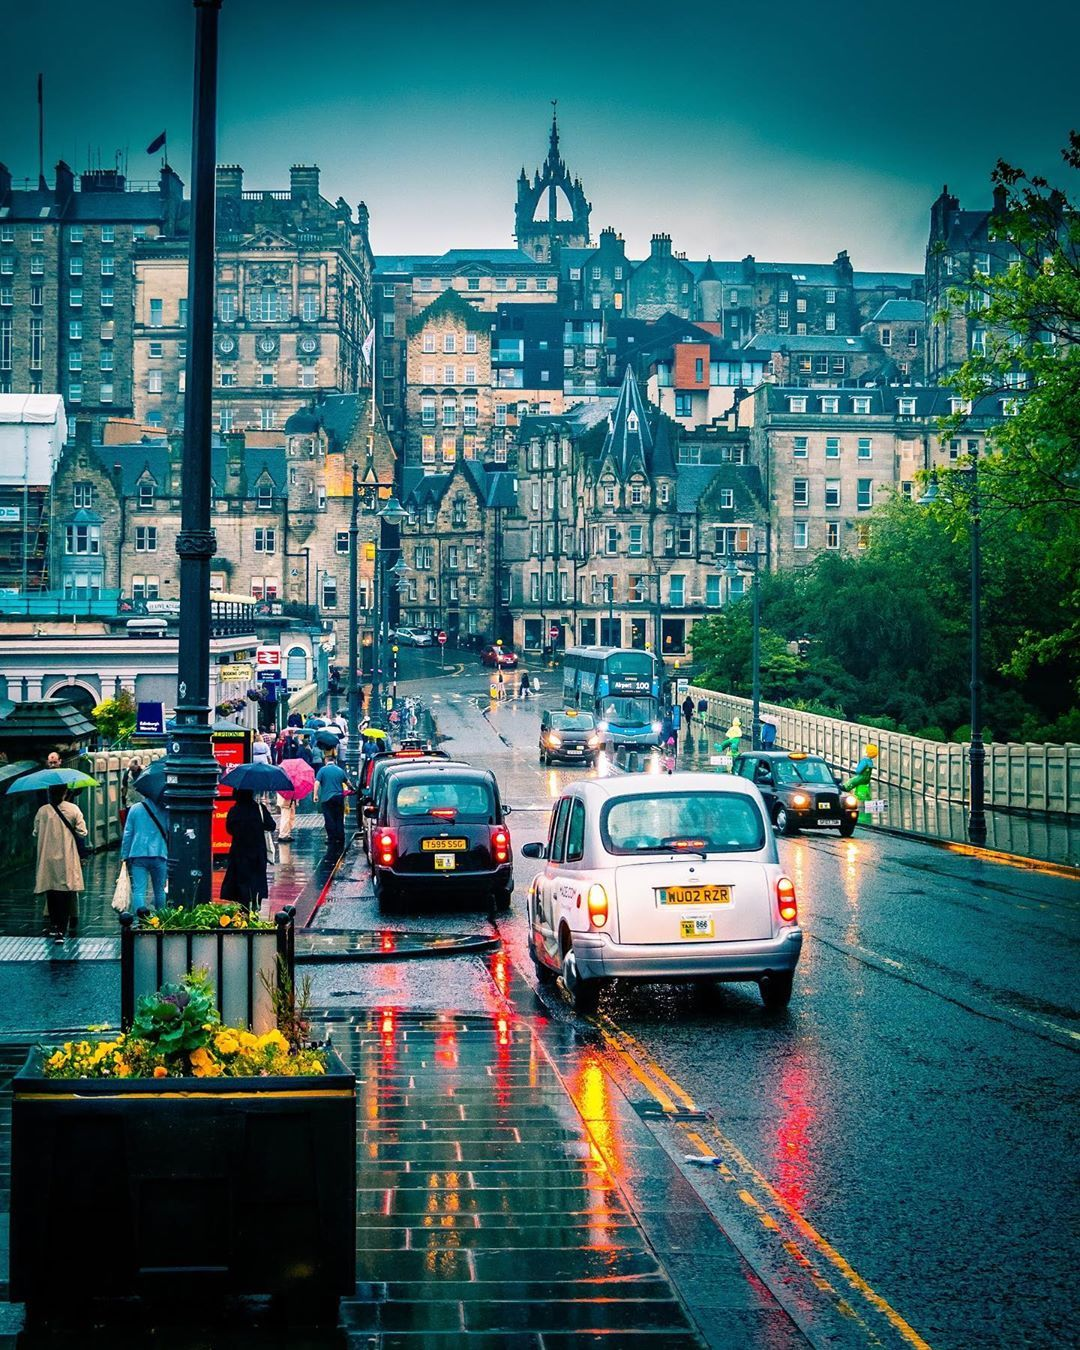 """Moumita   Edinburgh   Scotland on Instagram: """"A rainy evening in Edinburgh .🏴 . . . . #thisisscotland #scotlandlover #cpfeatureme #igersedinburgh #hello_worldpics #mylpguide…"""""""